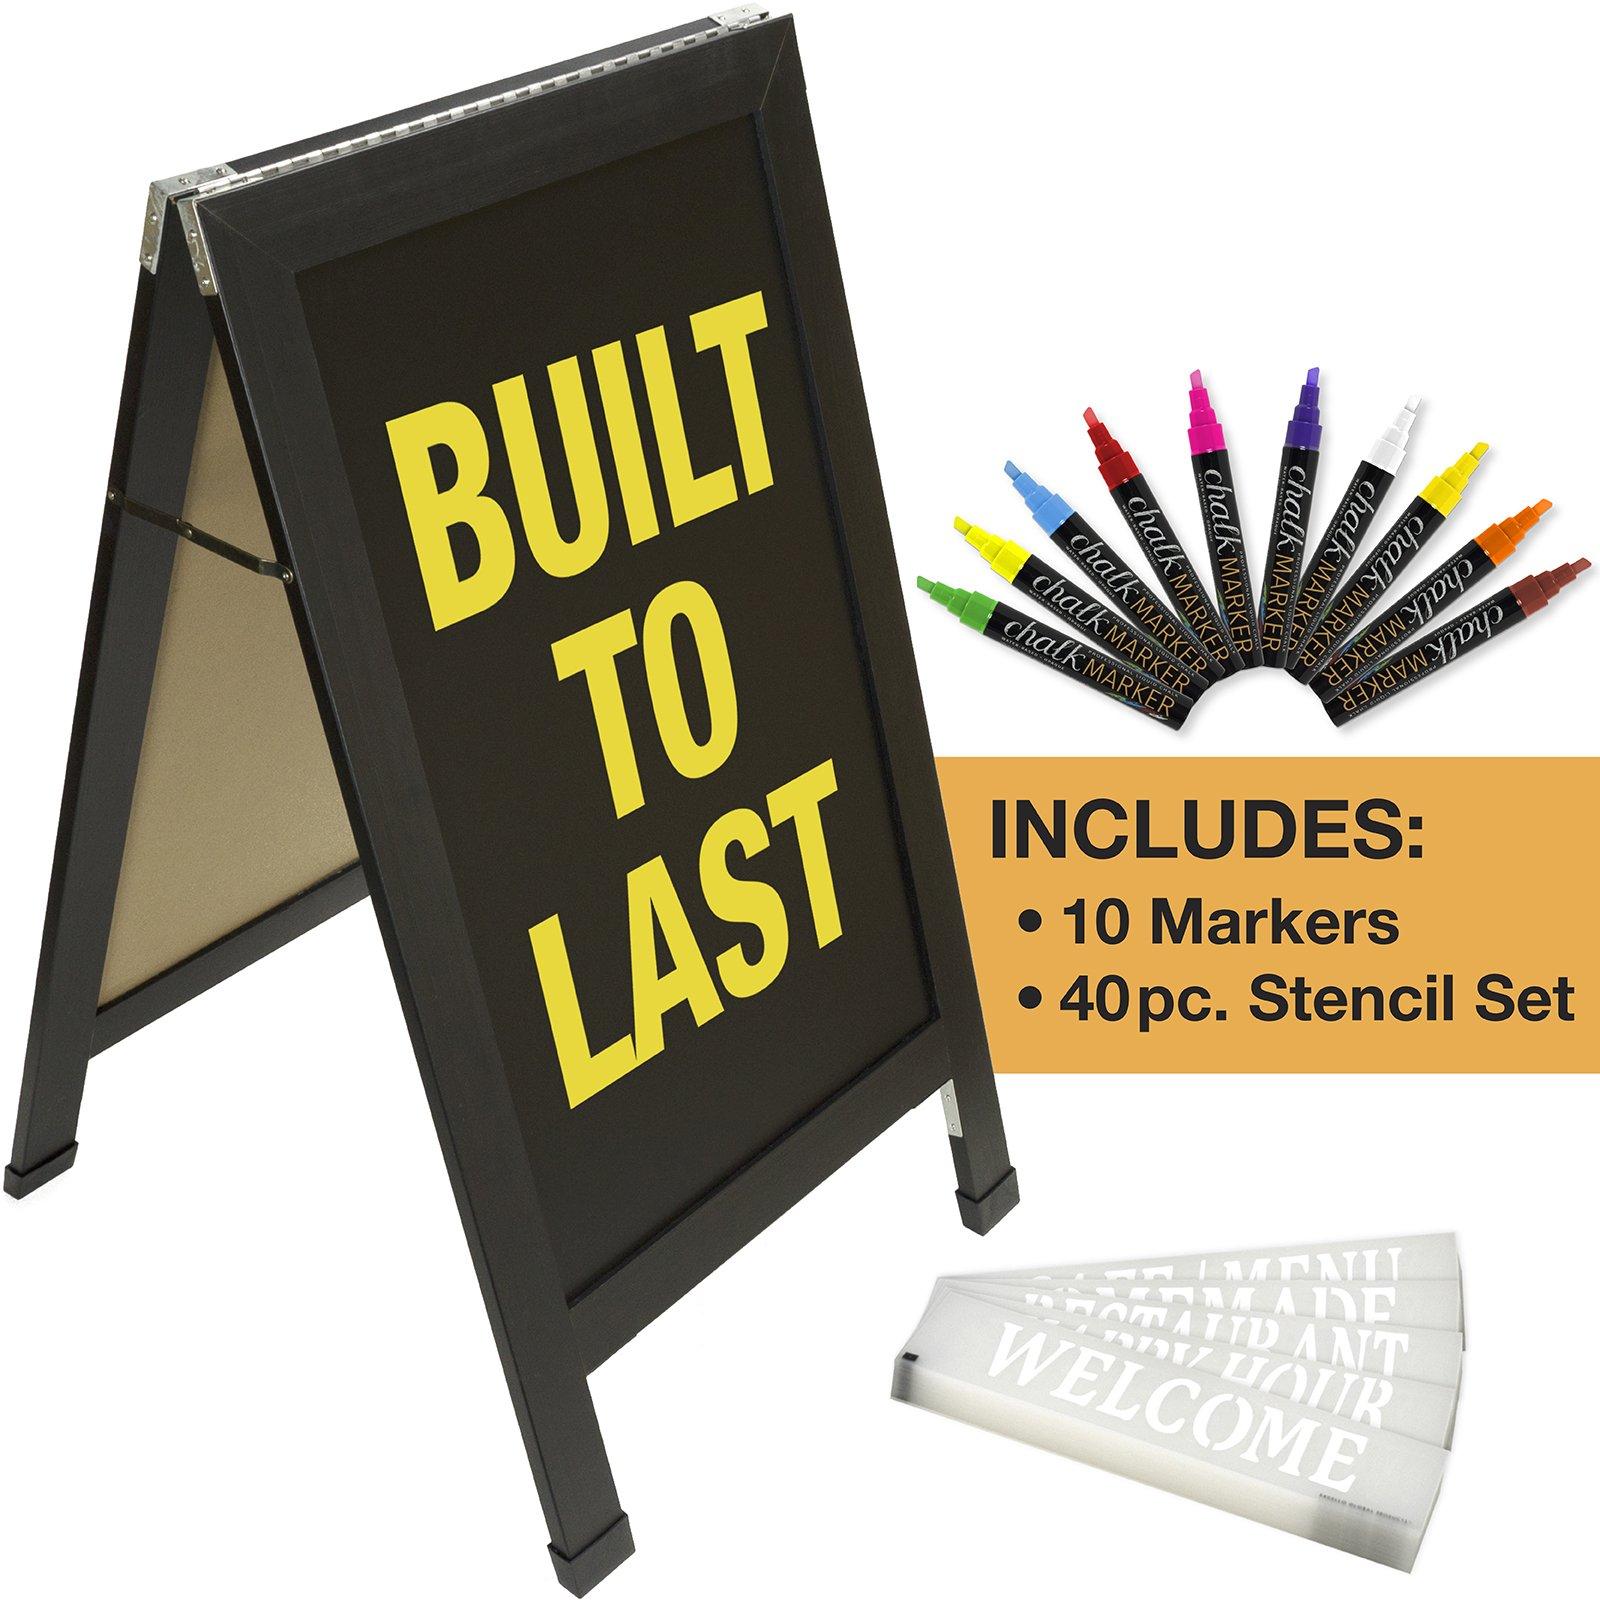 Sandwich Board Sidewalk Chalkboard Sign: Reinforced, Heavy-Duty / 10 Chalk Markers / 40 Piece Stencil Set/Chalk / Eraser/Double Sided/Large 40x23 Chalk Board Standing Sign A-Frame (Black)